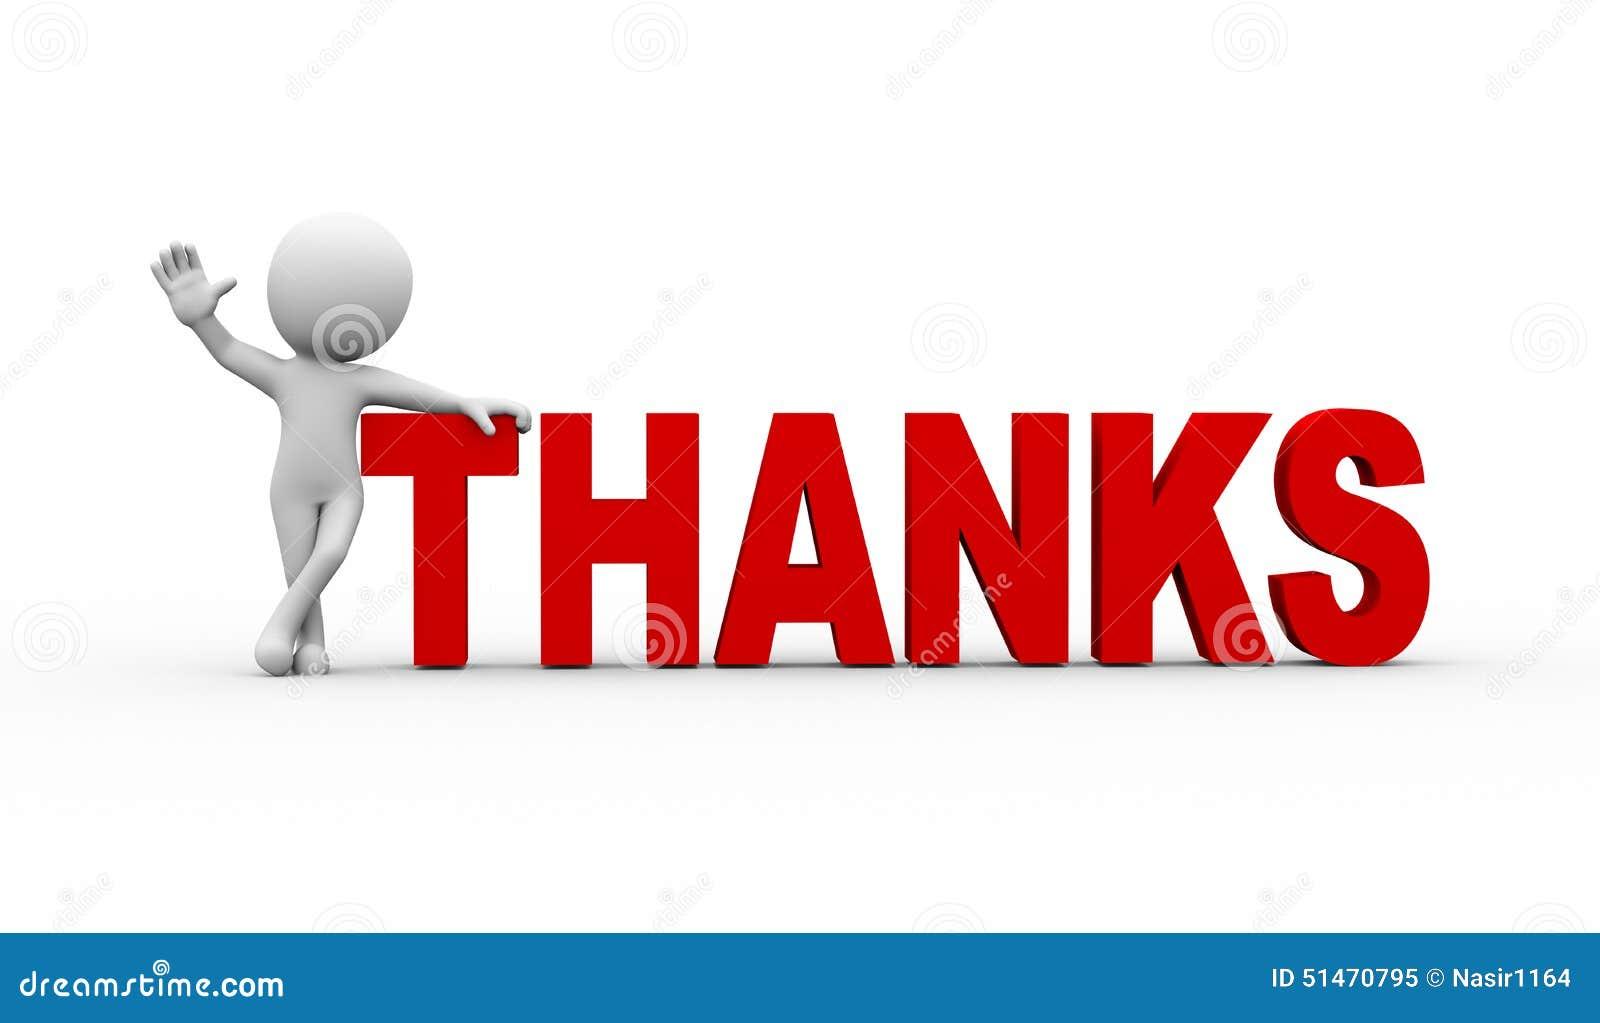 images clipart remerciements - photo #4